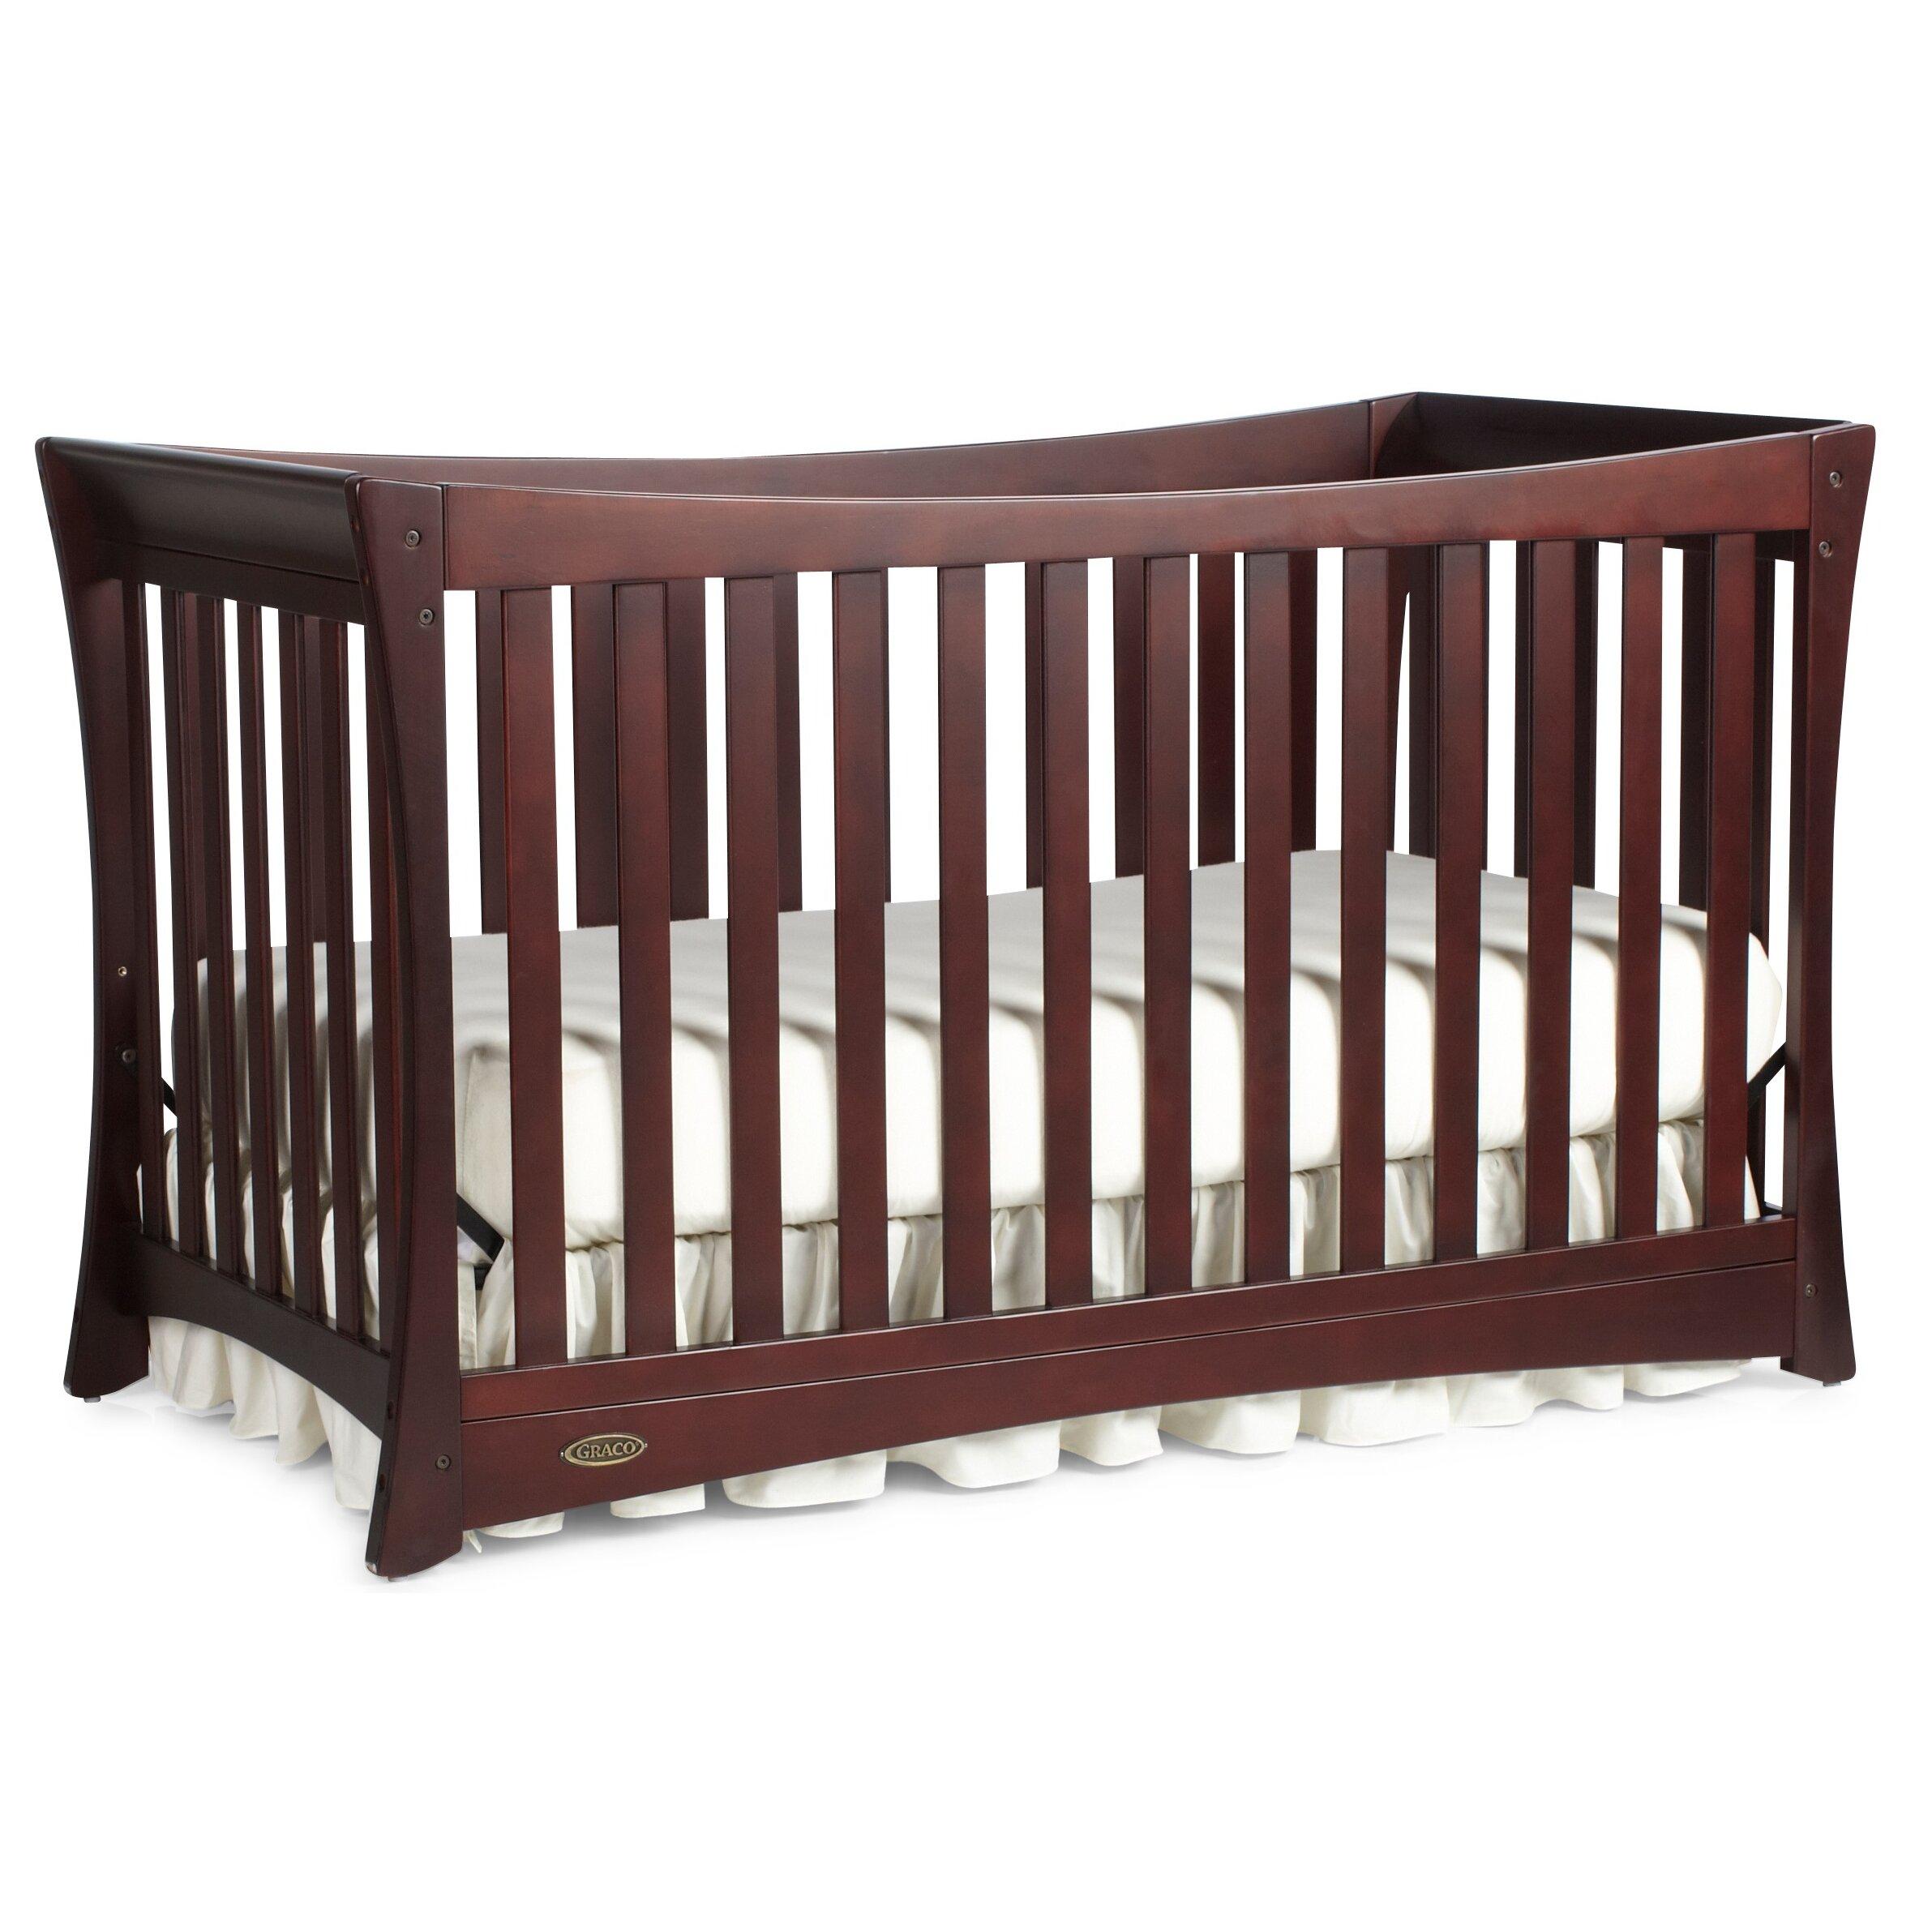 Graco crib for sale manila - Baby Cribs Graco Graco Tatum 3 In 1 Convertible Crib